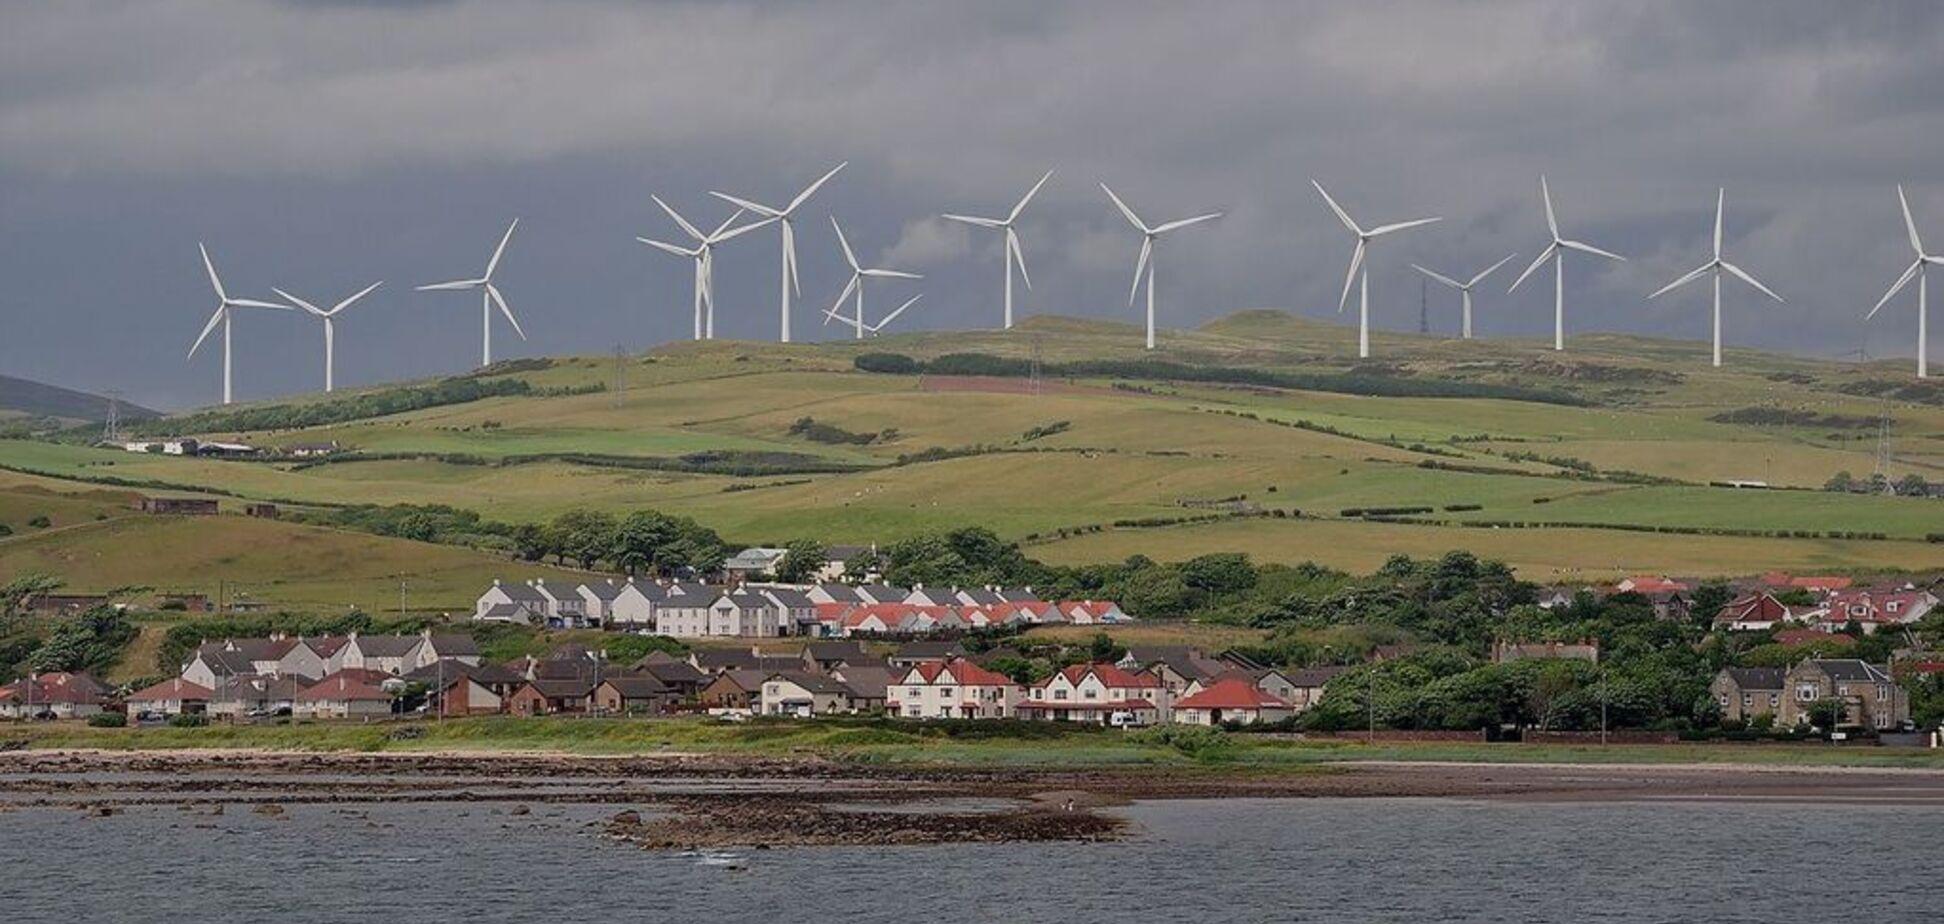 Европейская страна полностью перейдет на возобновляемую энергию: названы сроки